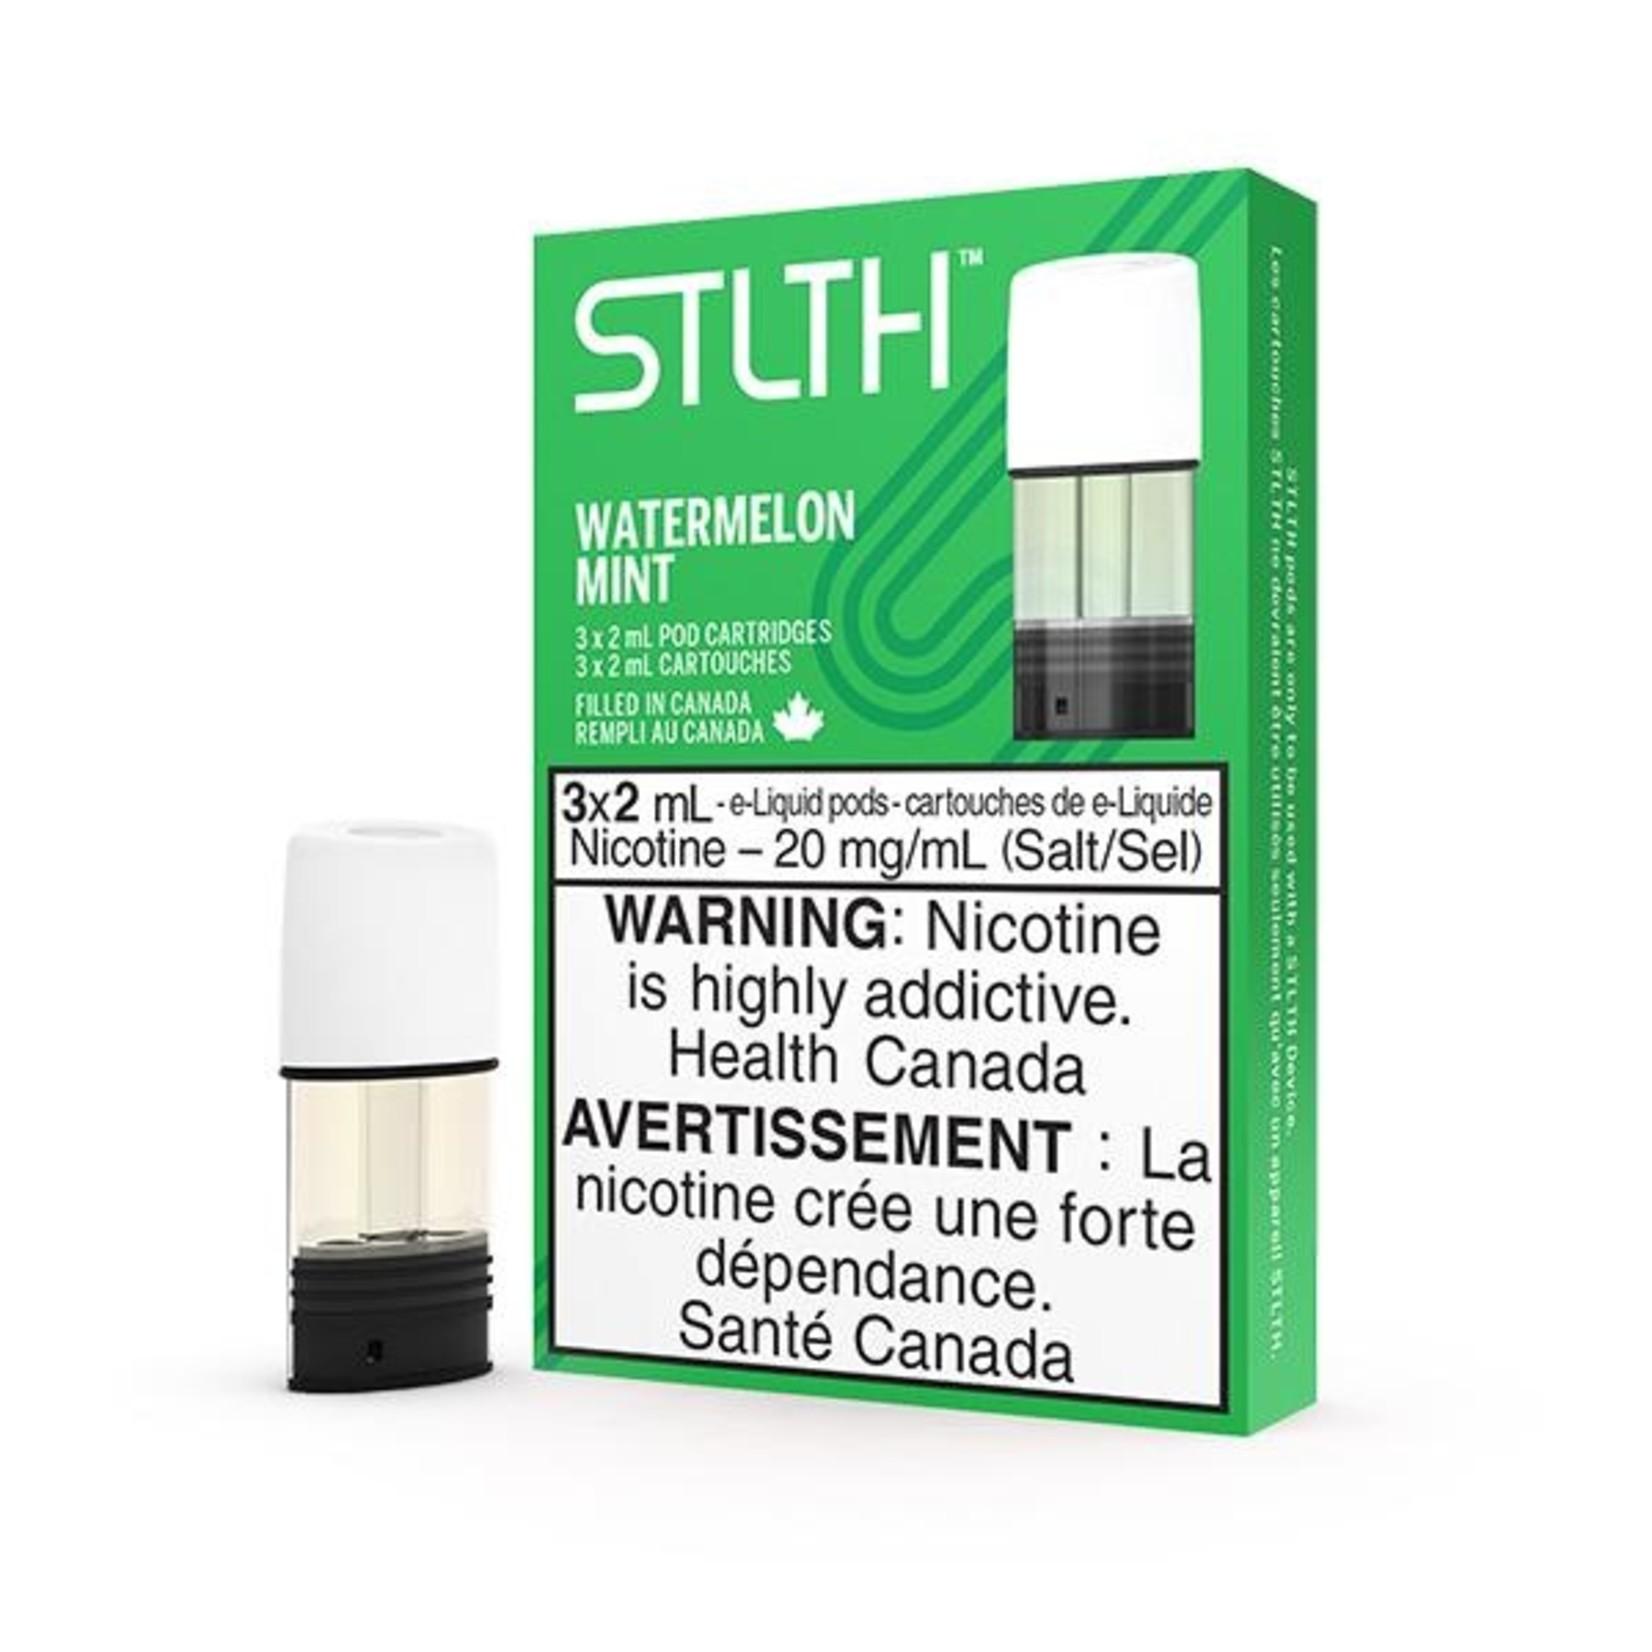 Stlth Watermelon Mint Pods